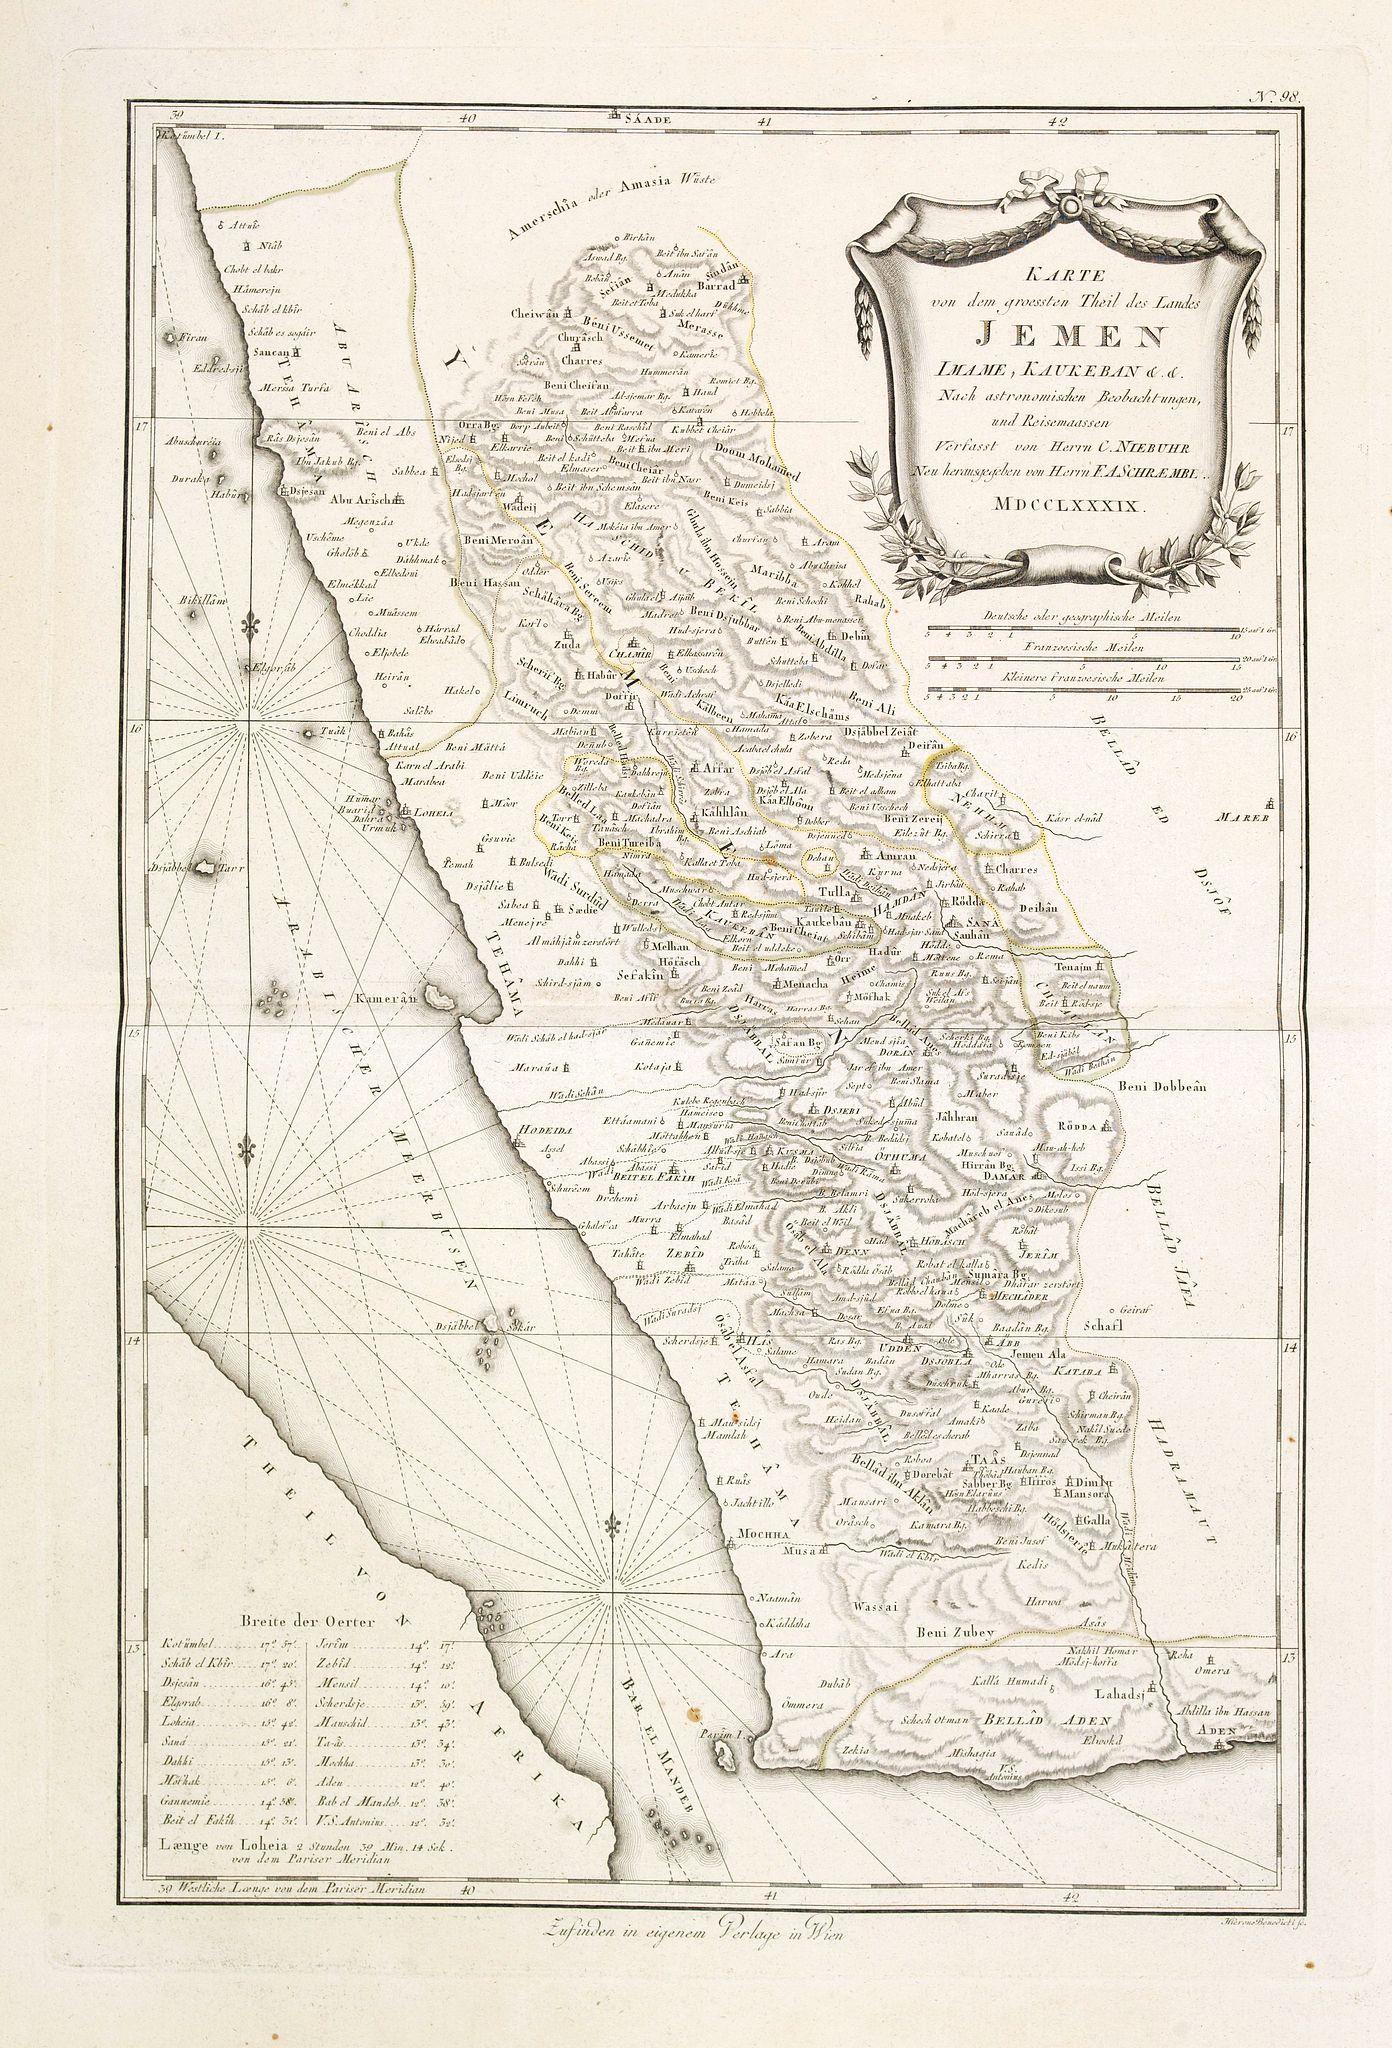 SCHRAEMBL, F.A. -  Karte von dem groessten Theil des Landes Jemen Imame, Kaukeban &c.